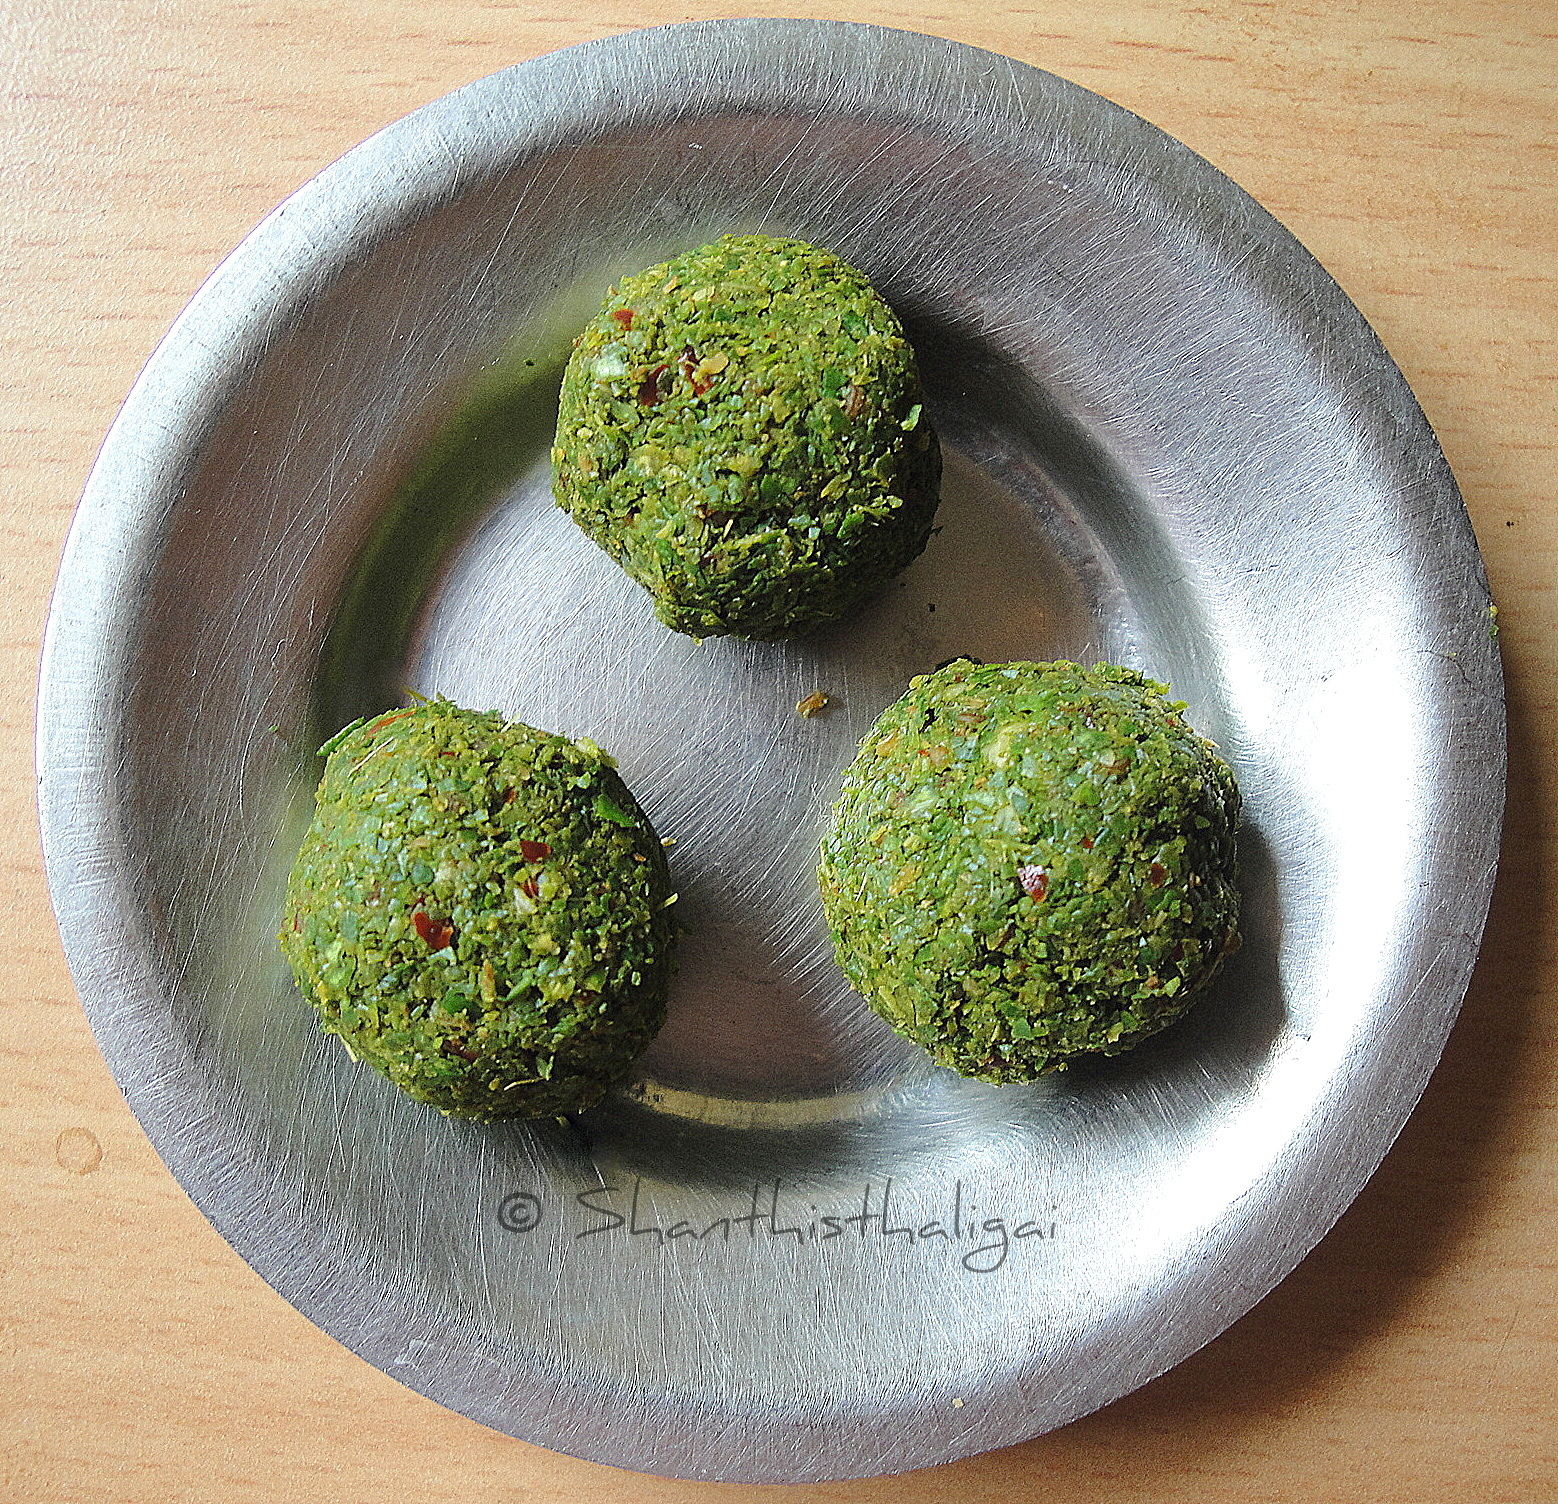 How to make Nartha ilai podi, How to make veppilai katti, How to make citron leaves pickle, How to make citron leaves powder